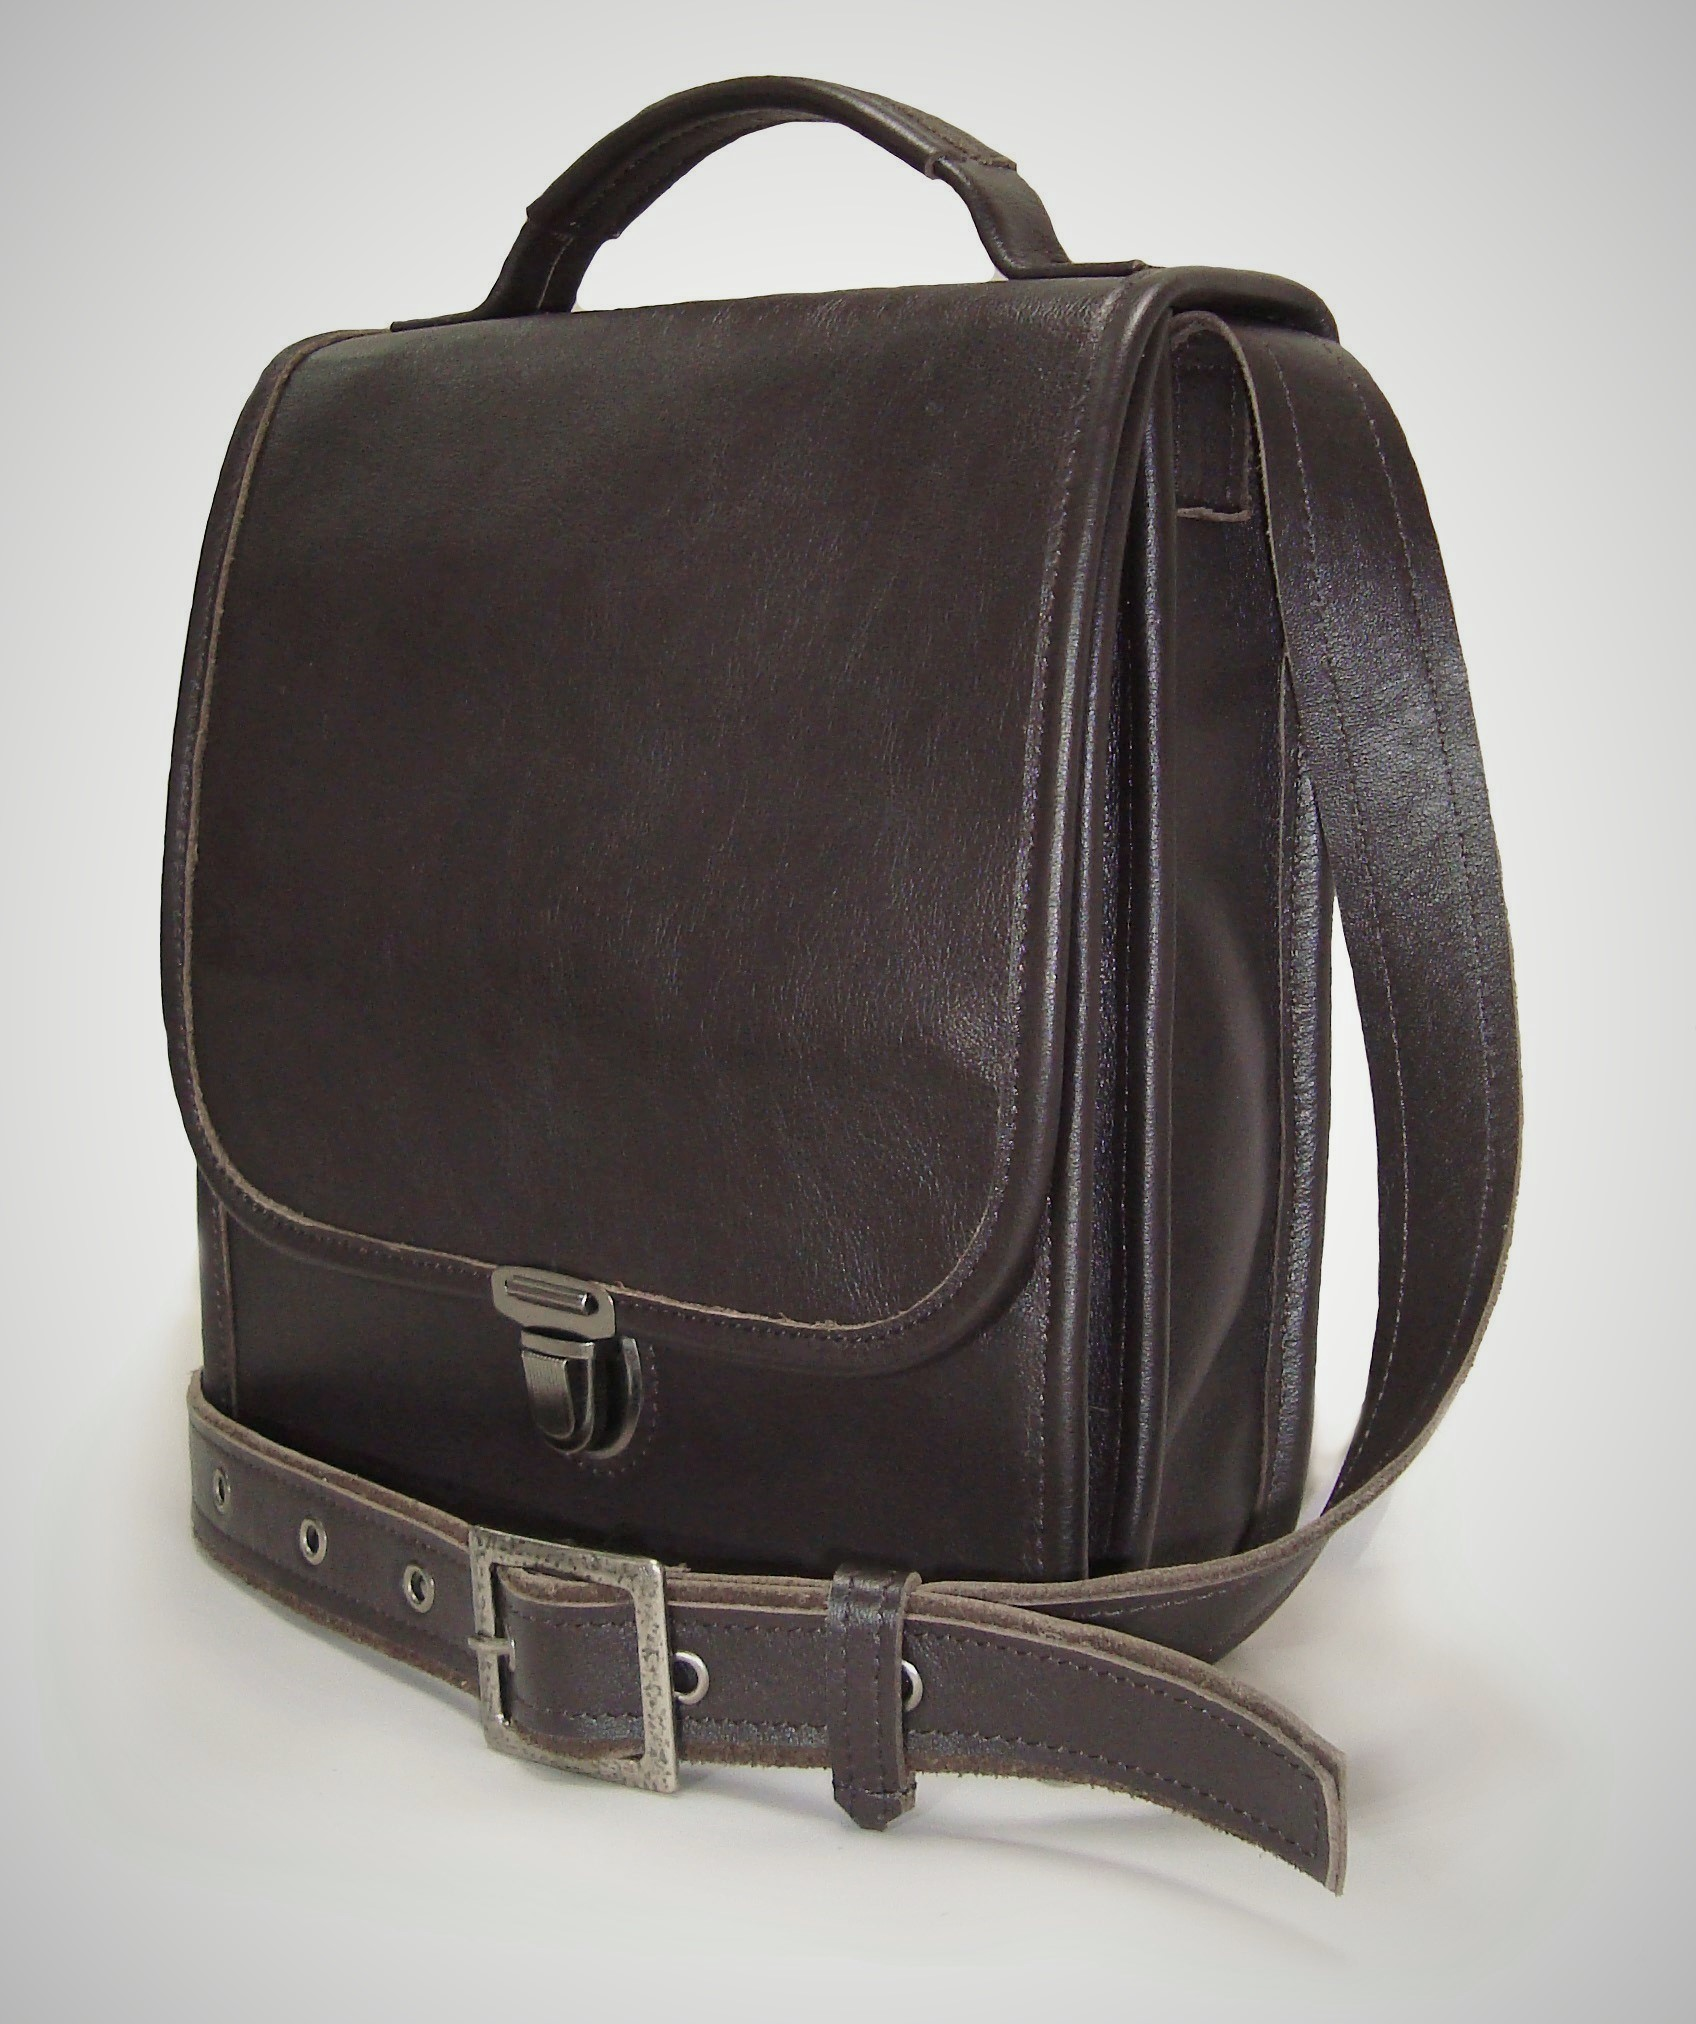 Сумка мужская Модель № 2-1Сумки и др. изделия из кожи<br>Высота сумки:26 см<br>Ширина сумки:22 см<br>Ширина бок:6 см<br>Длинна ремня:120 см<br><br>Тип: Муж. сумка<br>Размер: -<br>Материал: Натуральная кожа